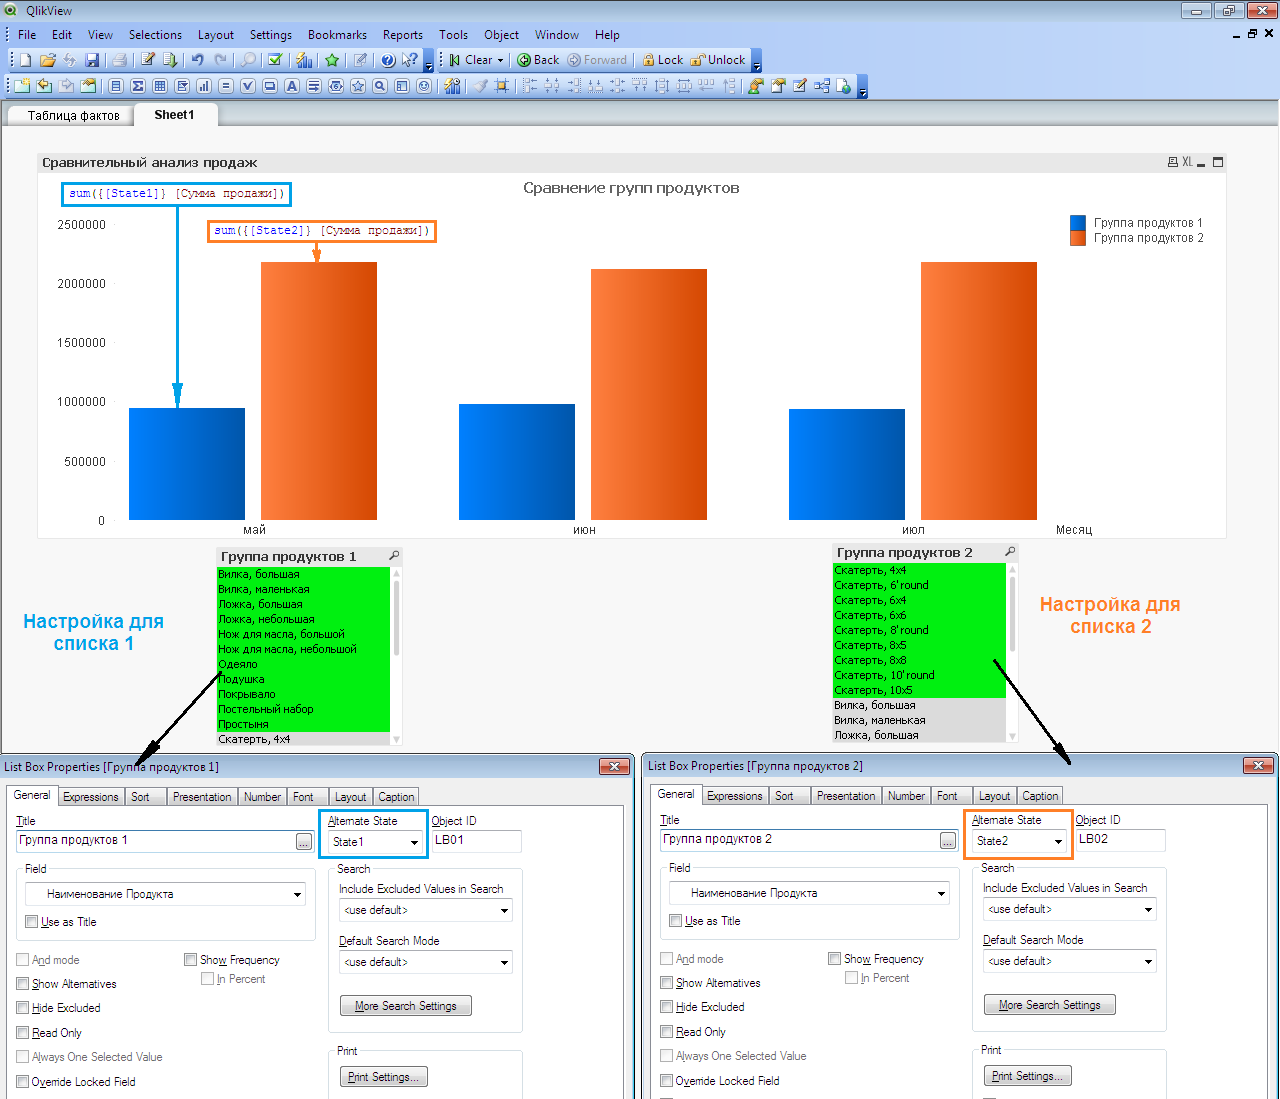 Графическое отображение всех настроек при создании гистограммы для сравнительного анализа групп продуктов